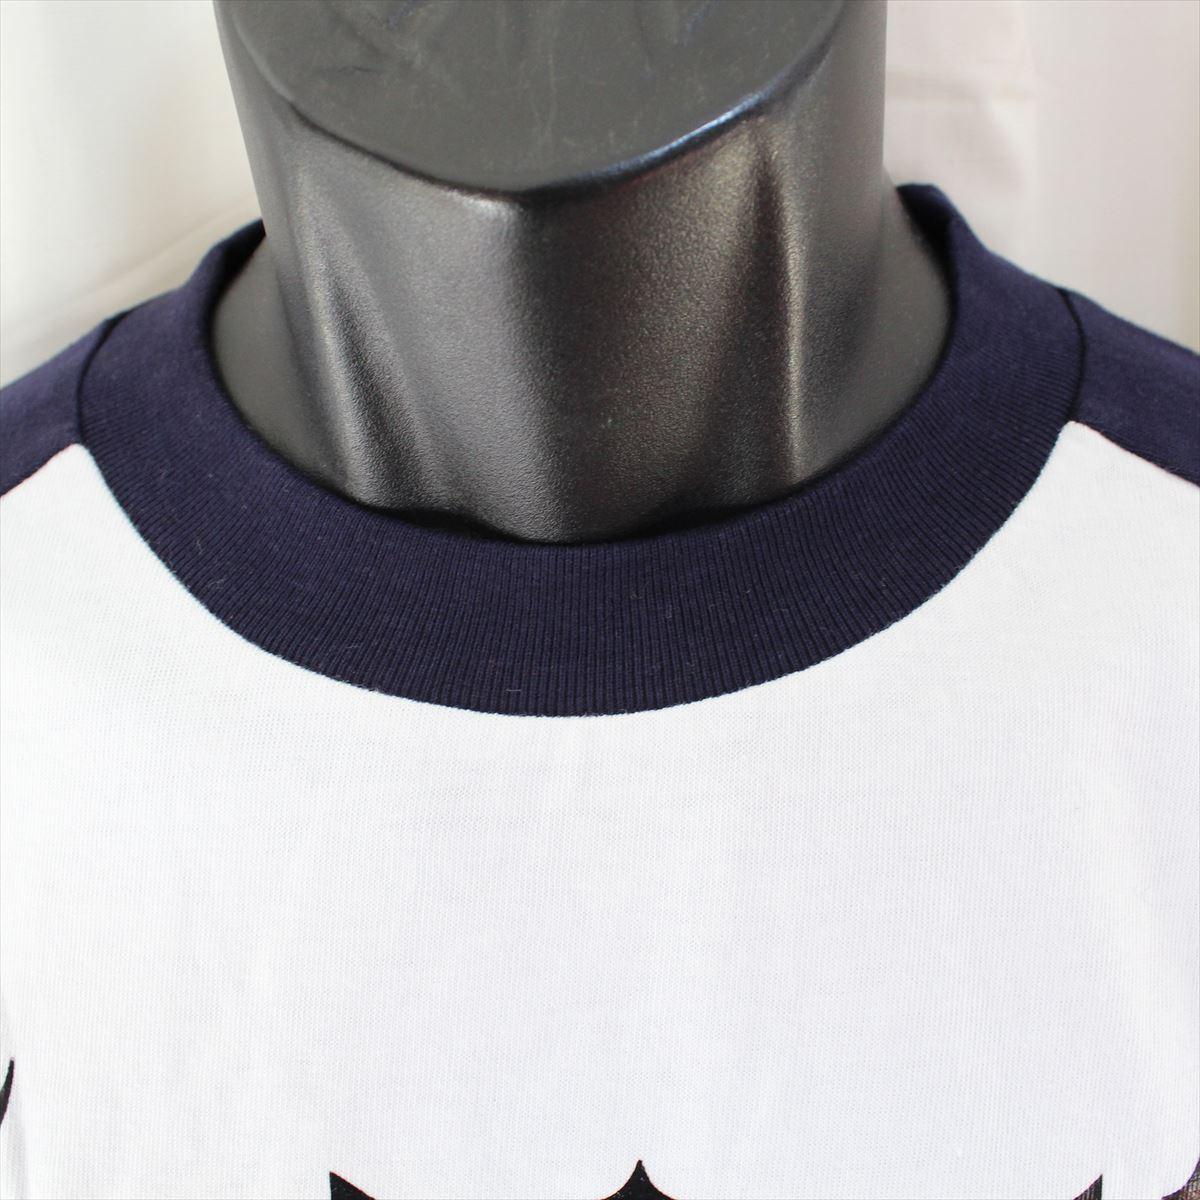 サディスティックアクション SADISTIC ACTION メンズ長袖Tシャツ Mサイズ NO15 新品_画像3